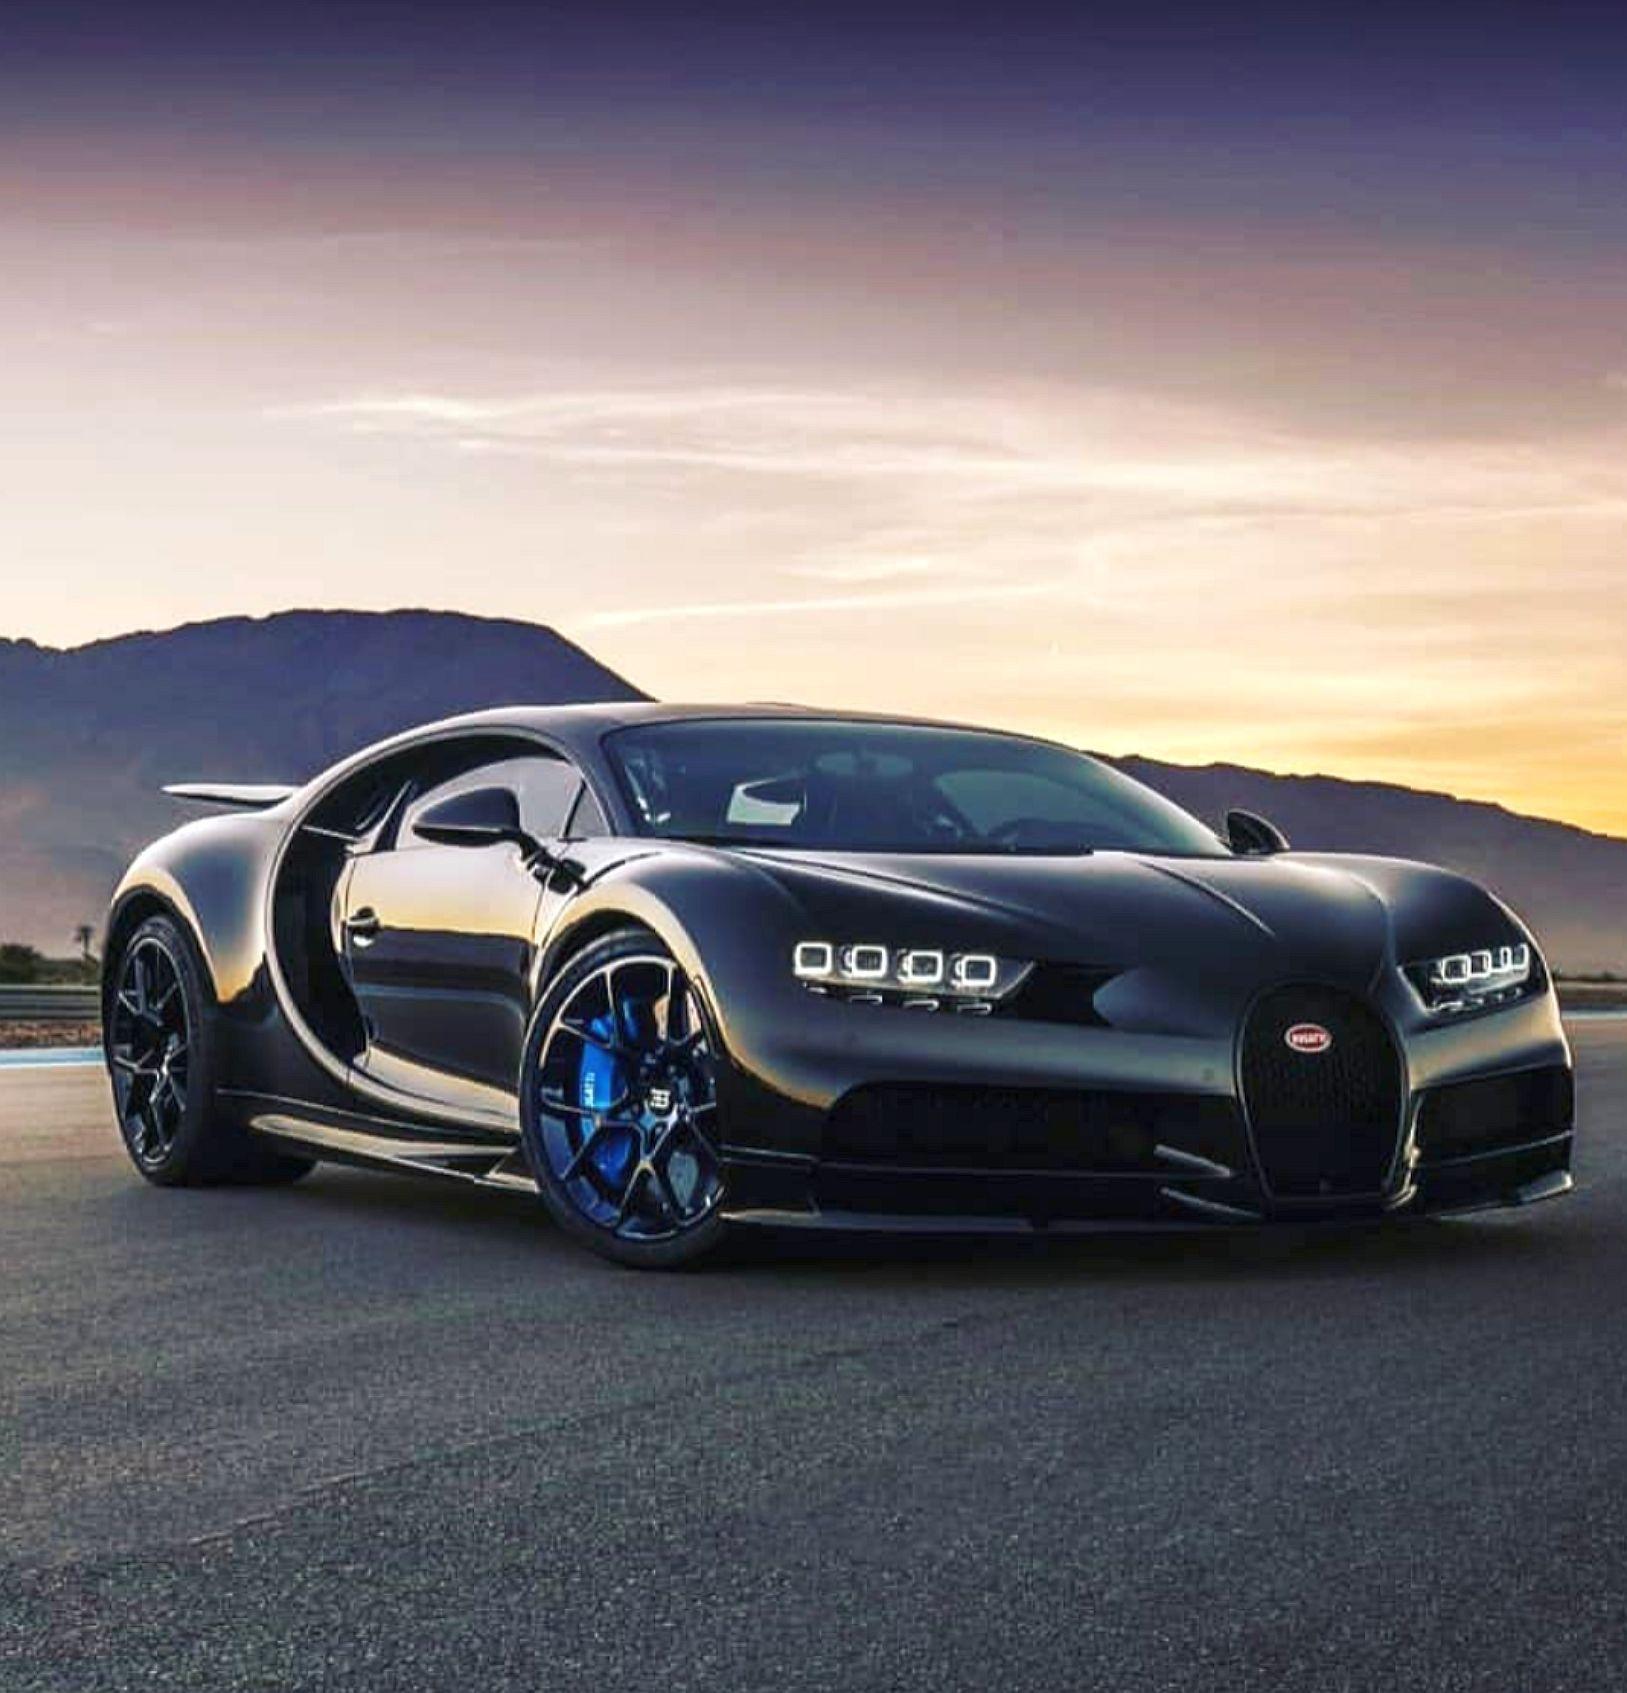 Bugatti Sport: Sports Cars Bugatti Veyron, Bugatti